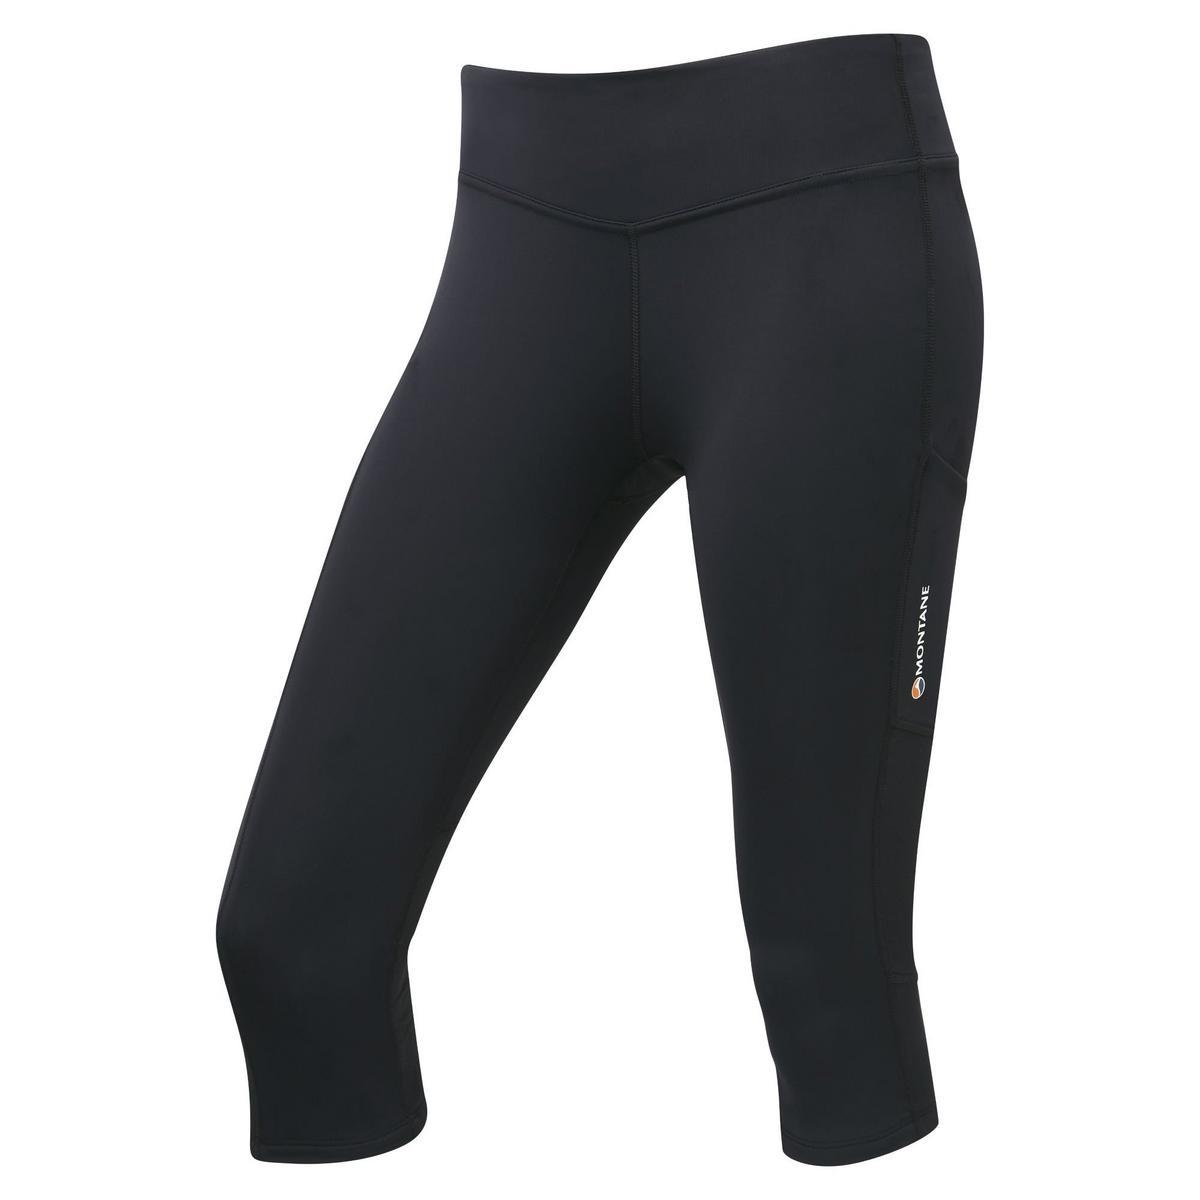 Montane Pants Women's Trail Series 3/4 Tights Black